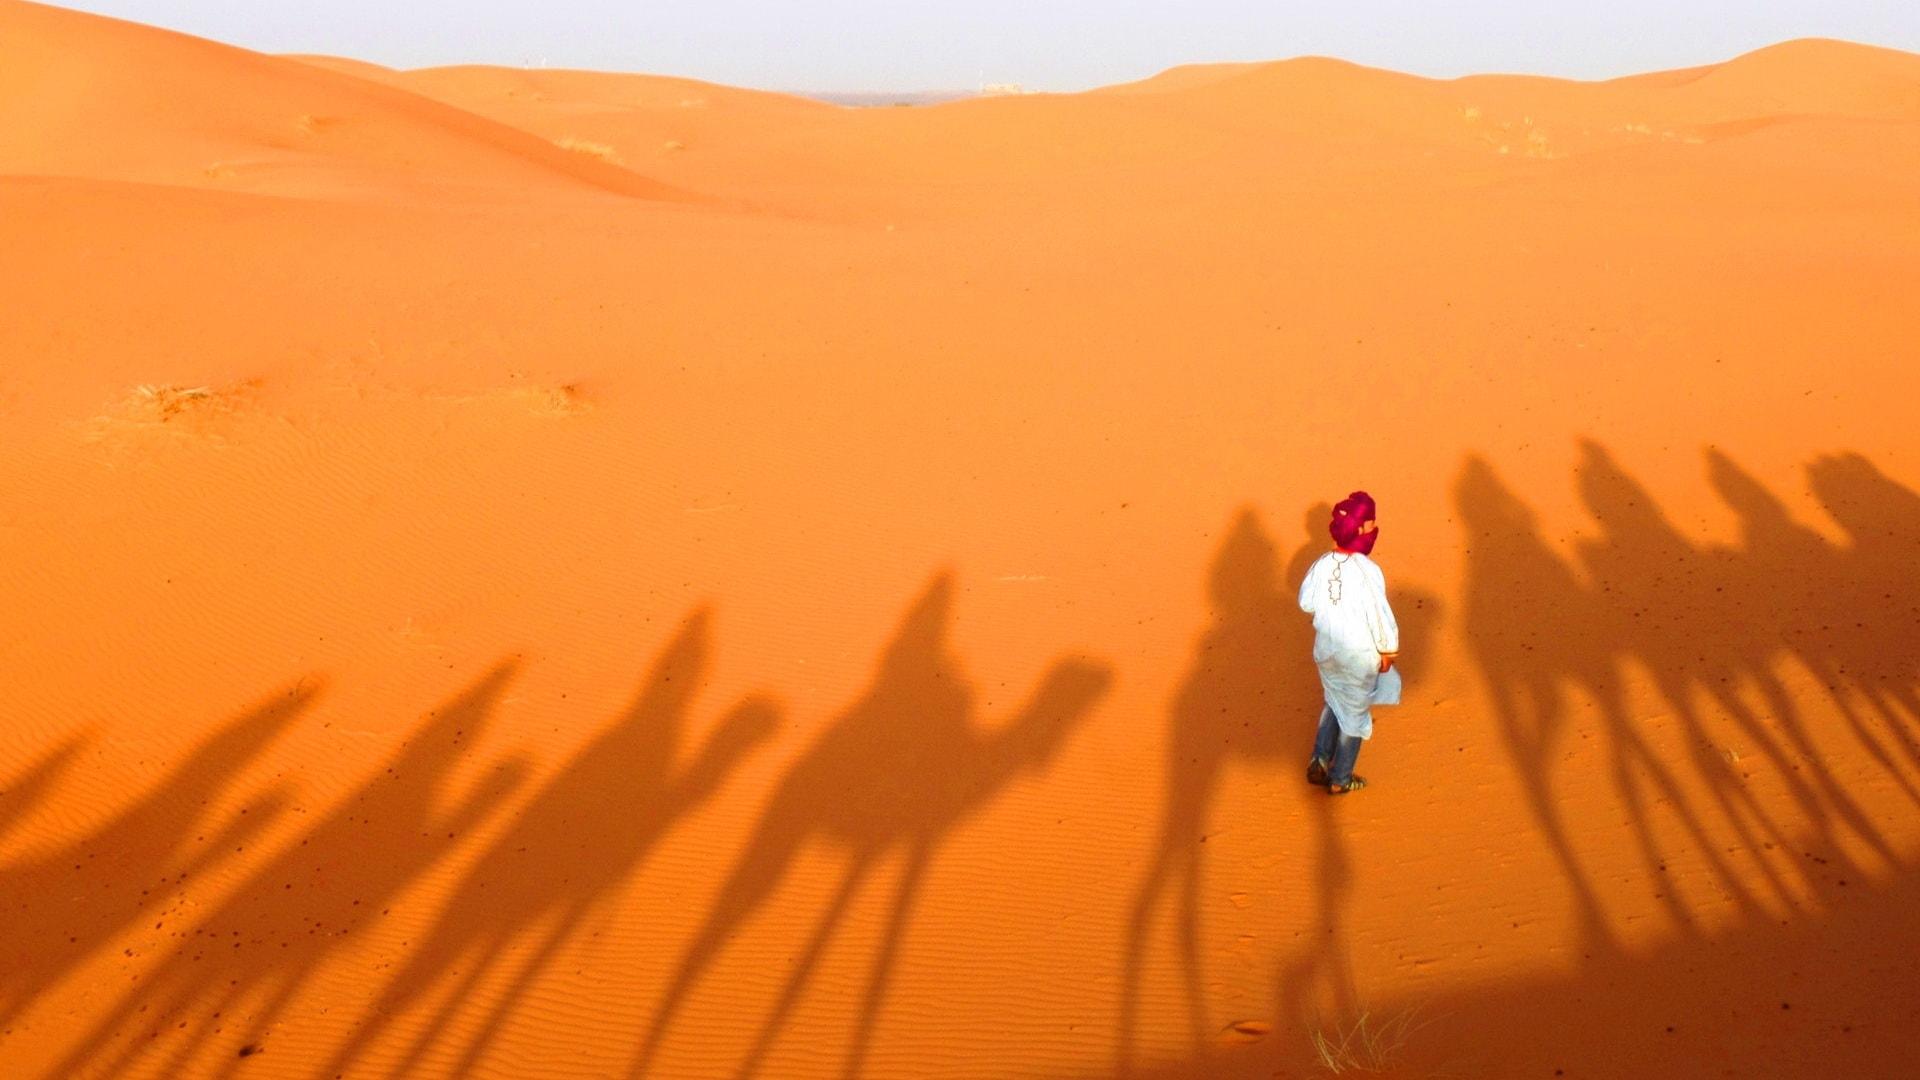 pathfinders treks - zagora desert camel trek 2 days